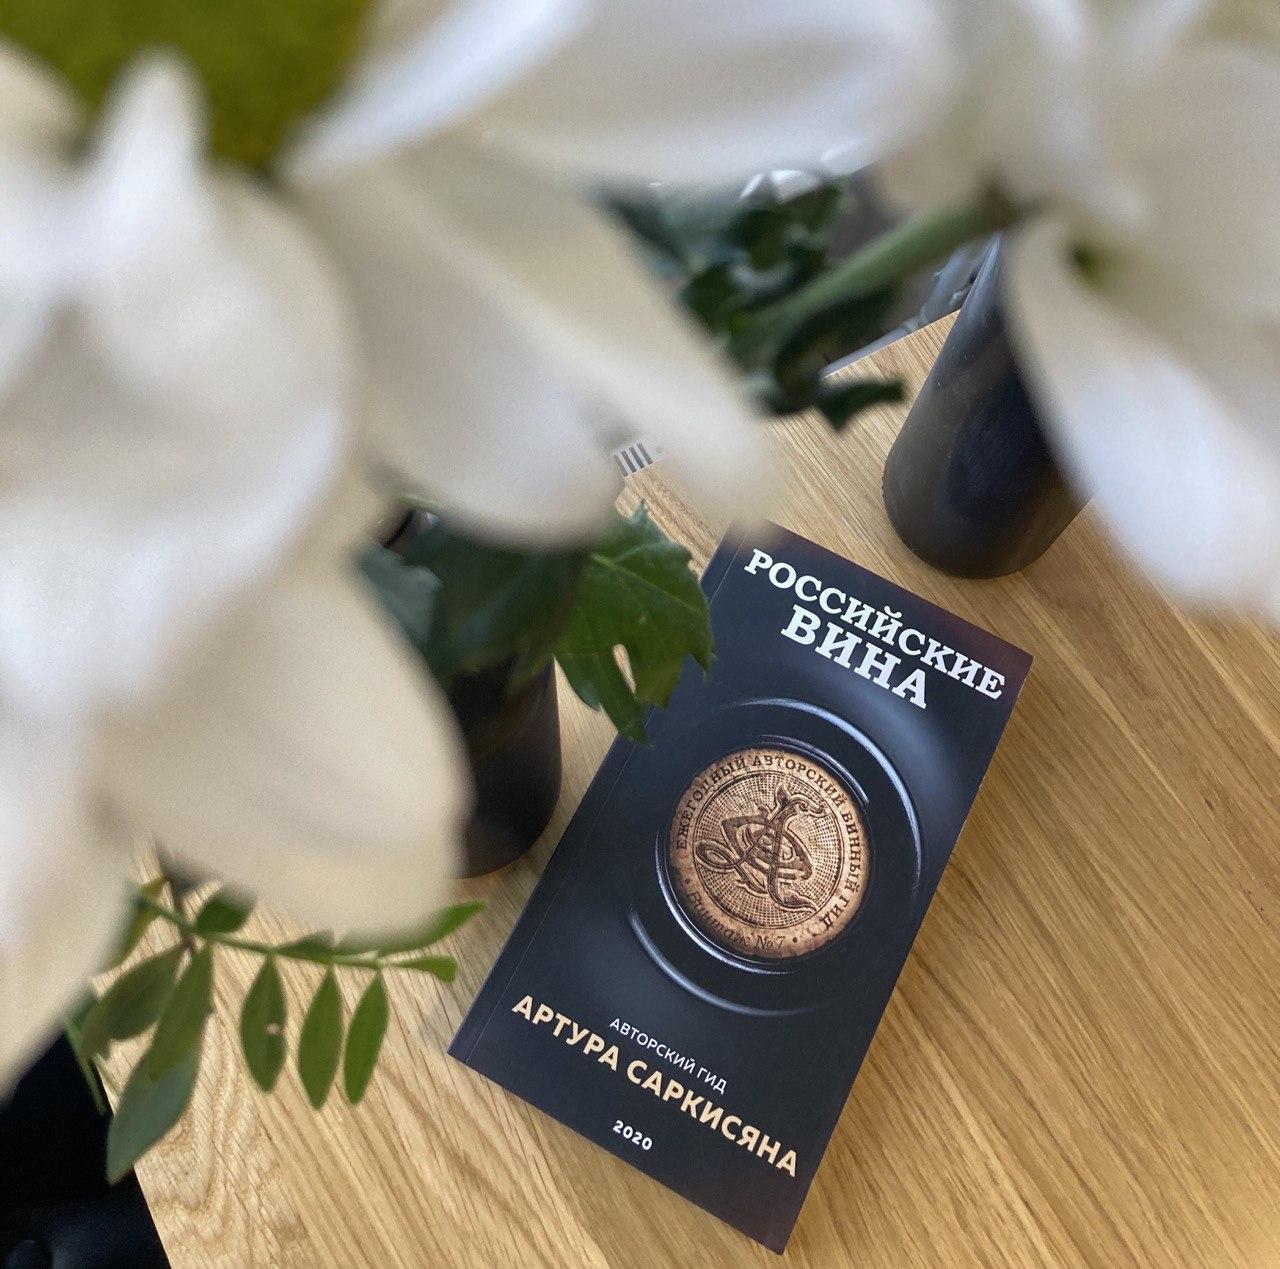 Книга гид Российские вина 2020 в интерьере